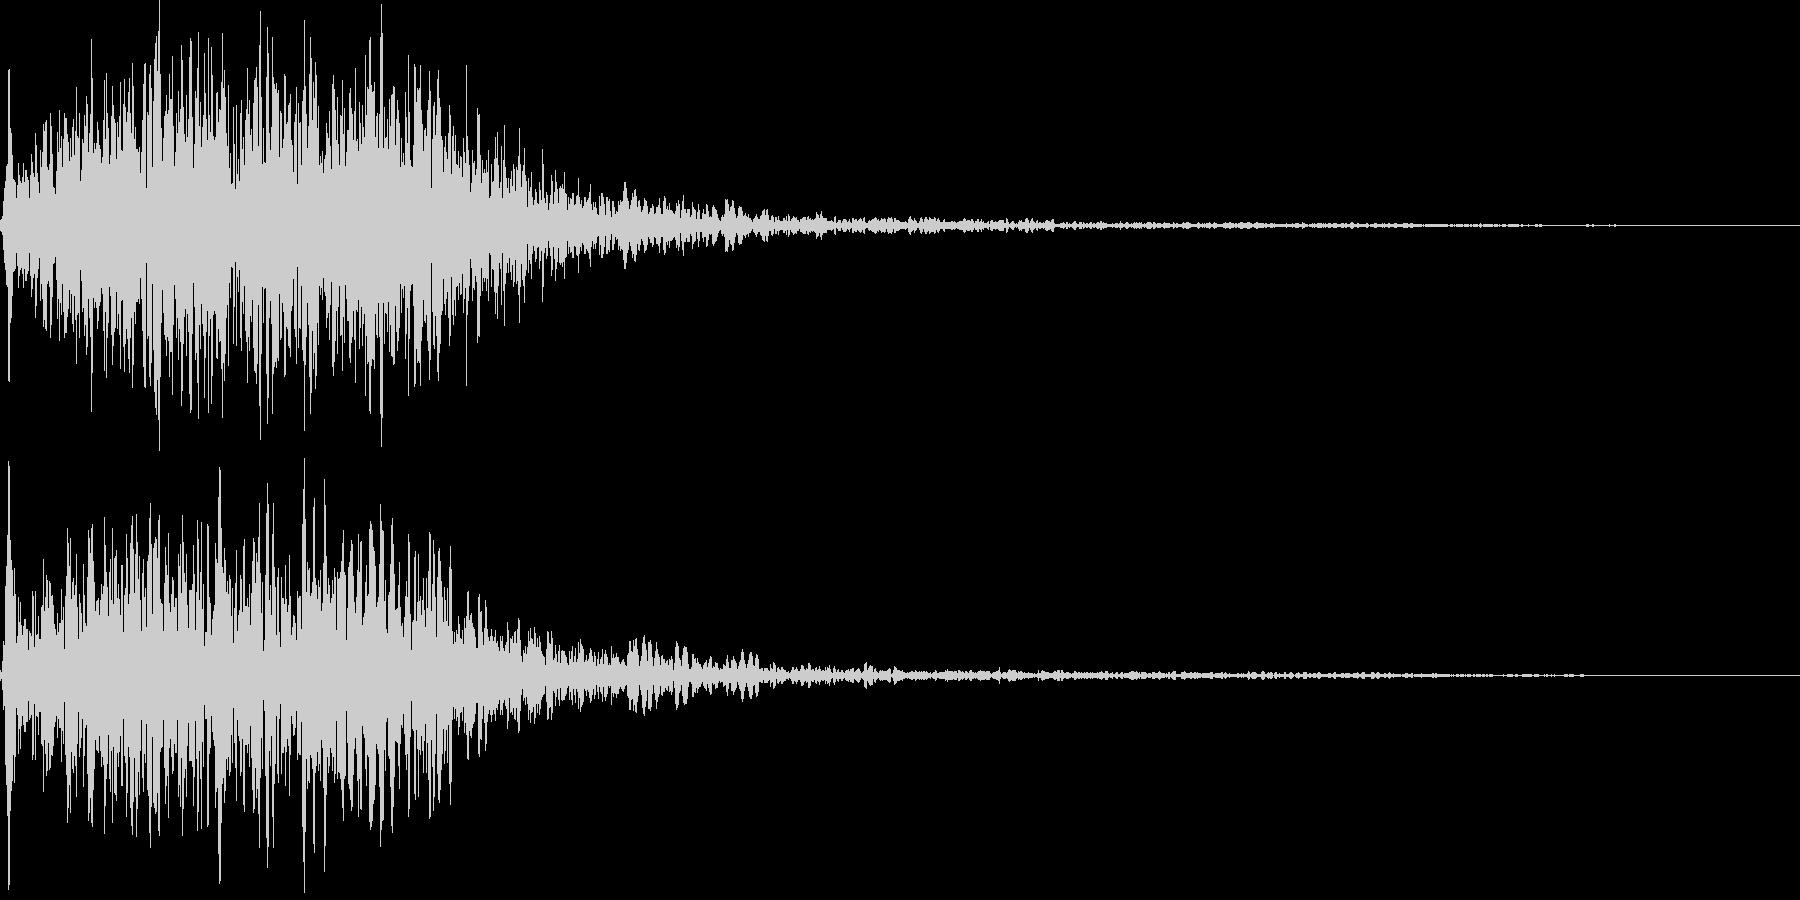 吹きすさぶ風・竜巻系の魔法(中2)sの未再生の波形